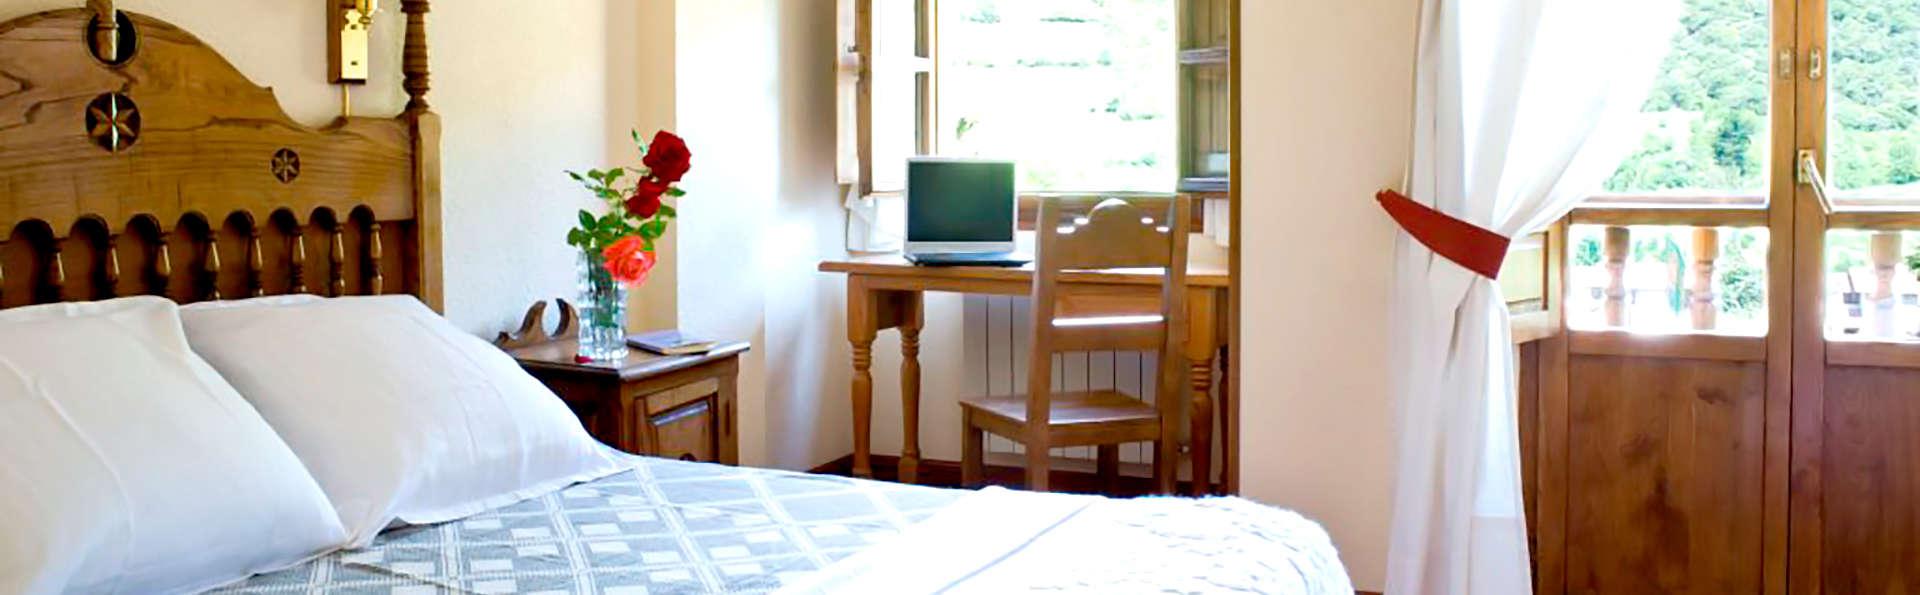 Hotel Infantado - Edit_room.jpg